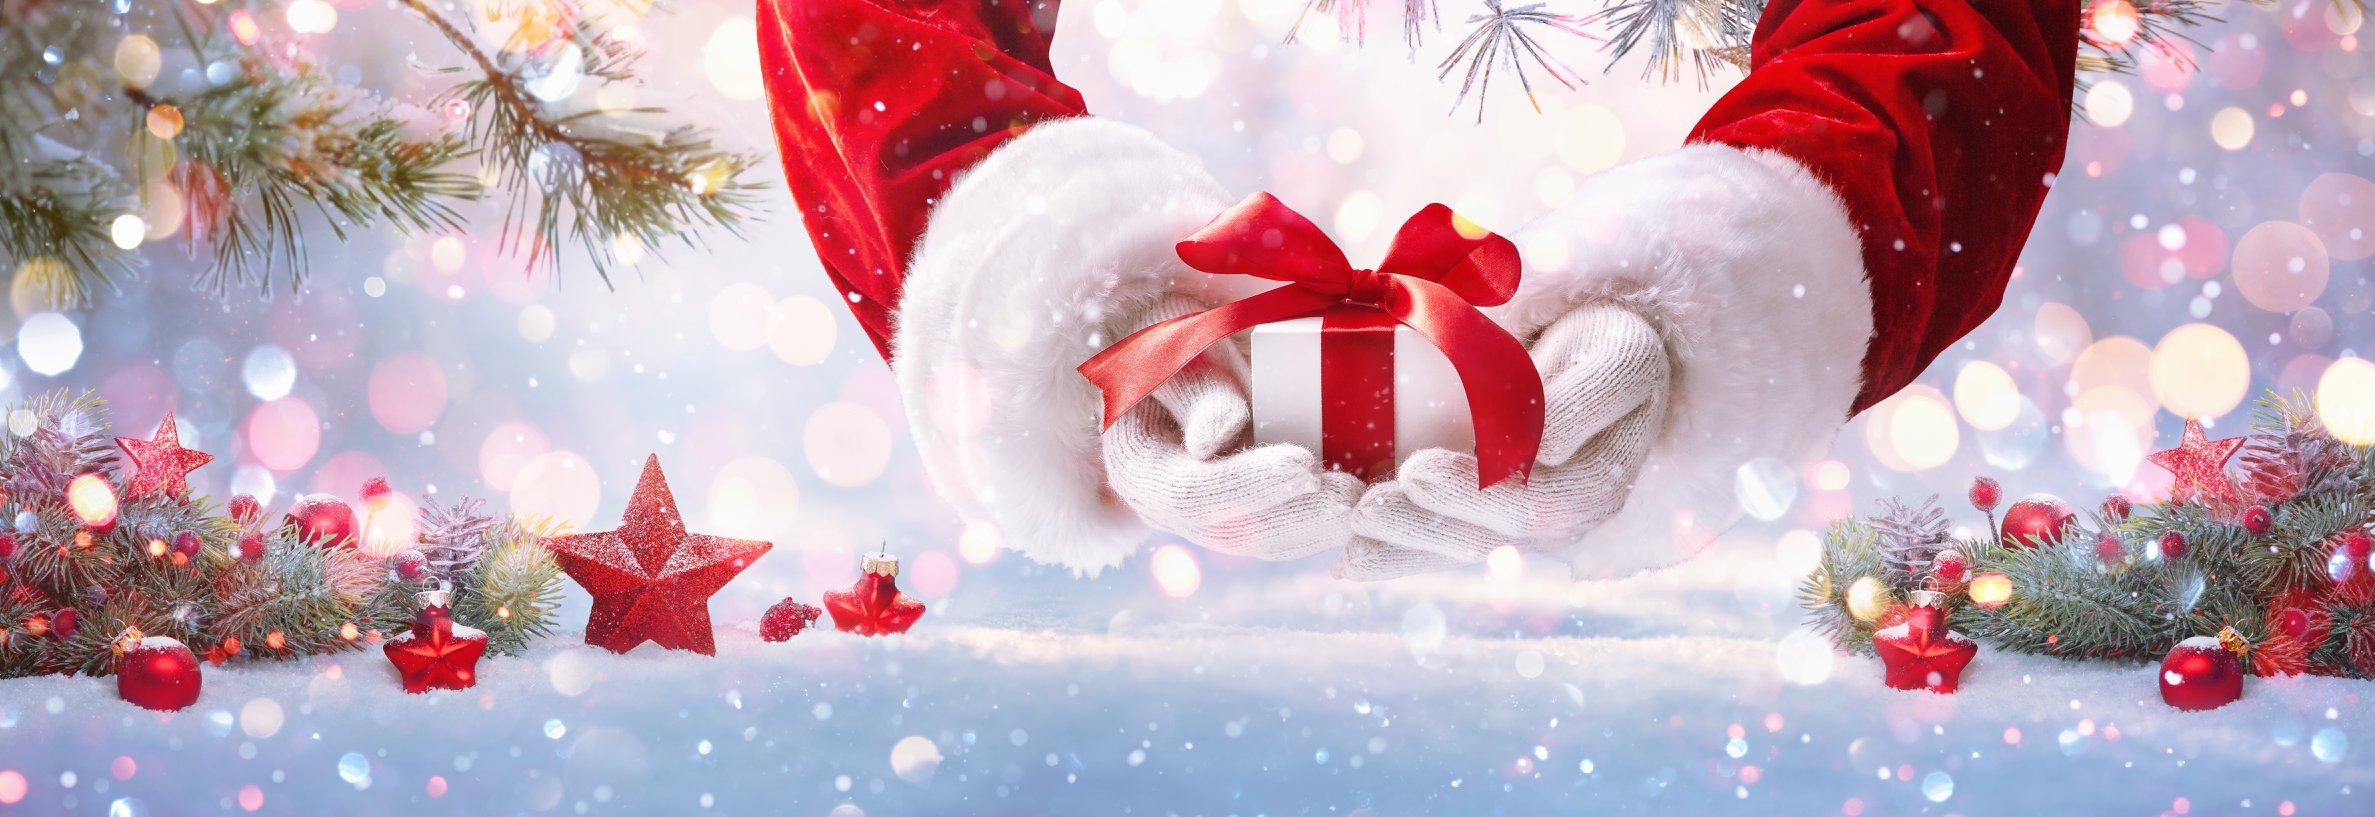 كفرات فيس بوك راس السنه و الكريسماس 9 غلاف فيس بوك رأس السنة و الكريسماس